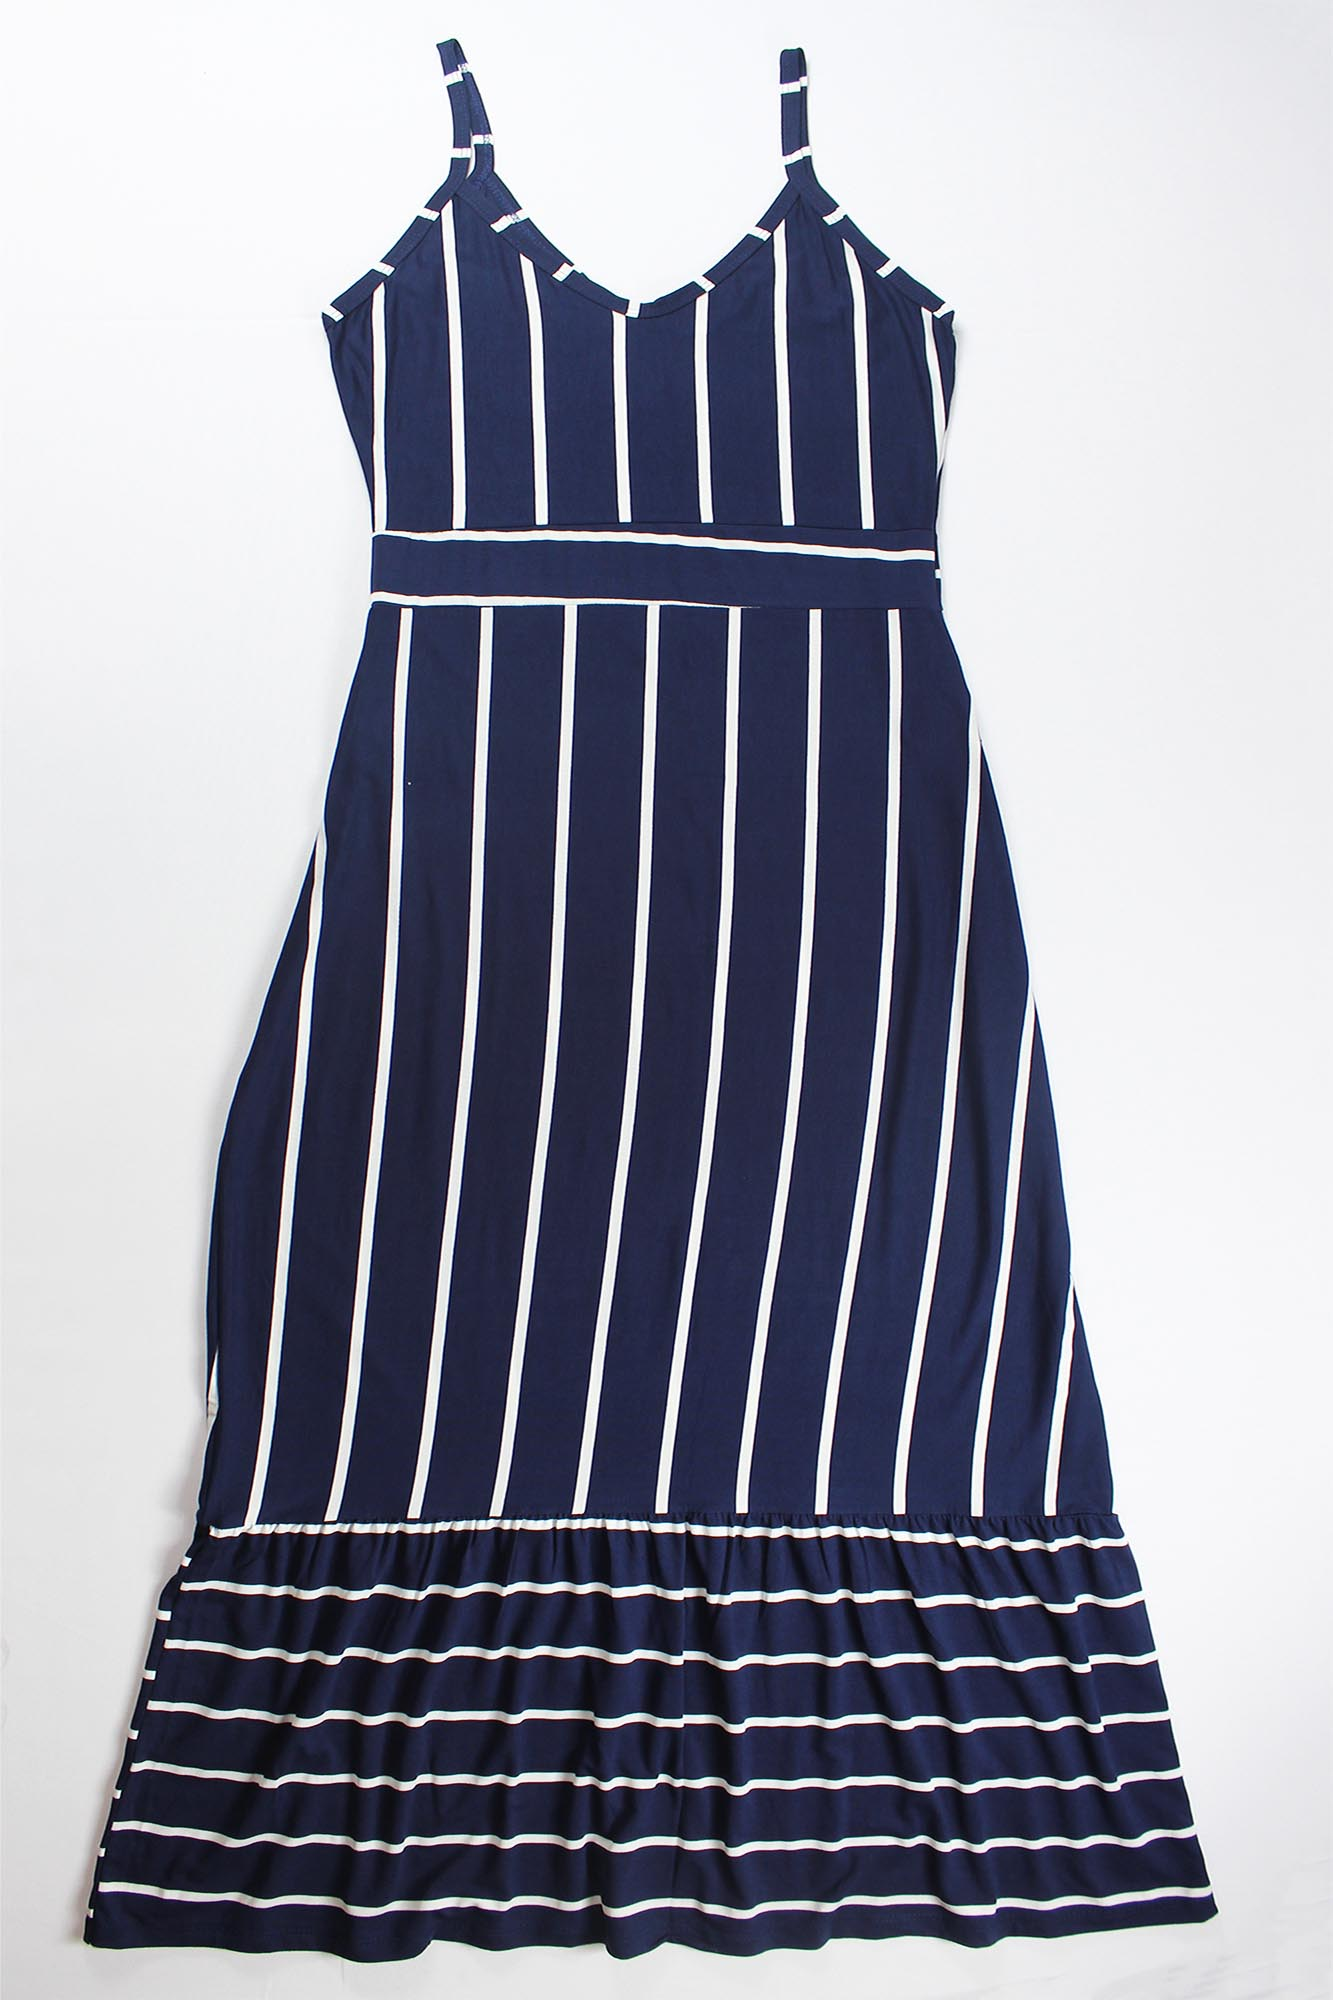 Vestido Longo Listrado com Alça Feminino - Azul Marinho e Branco